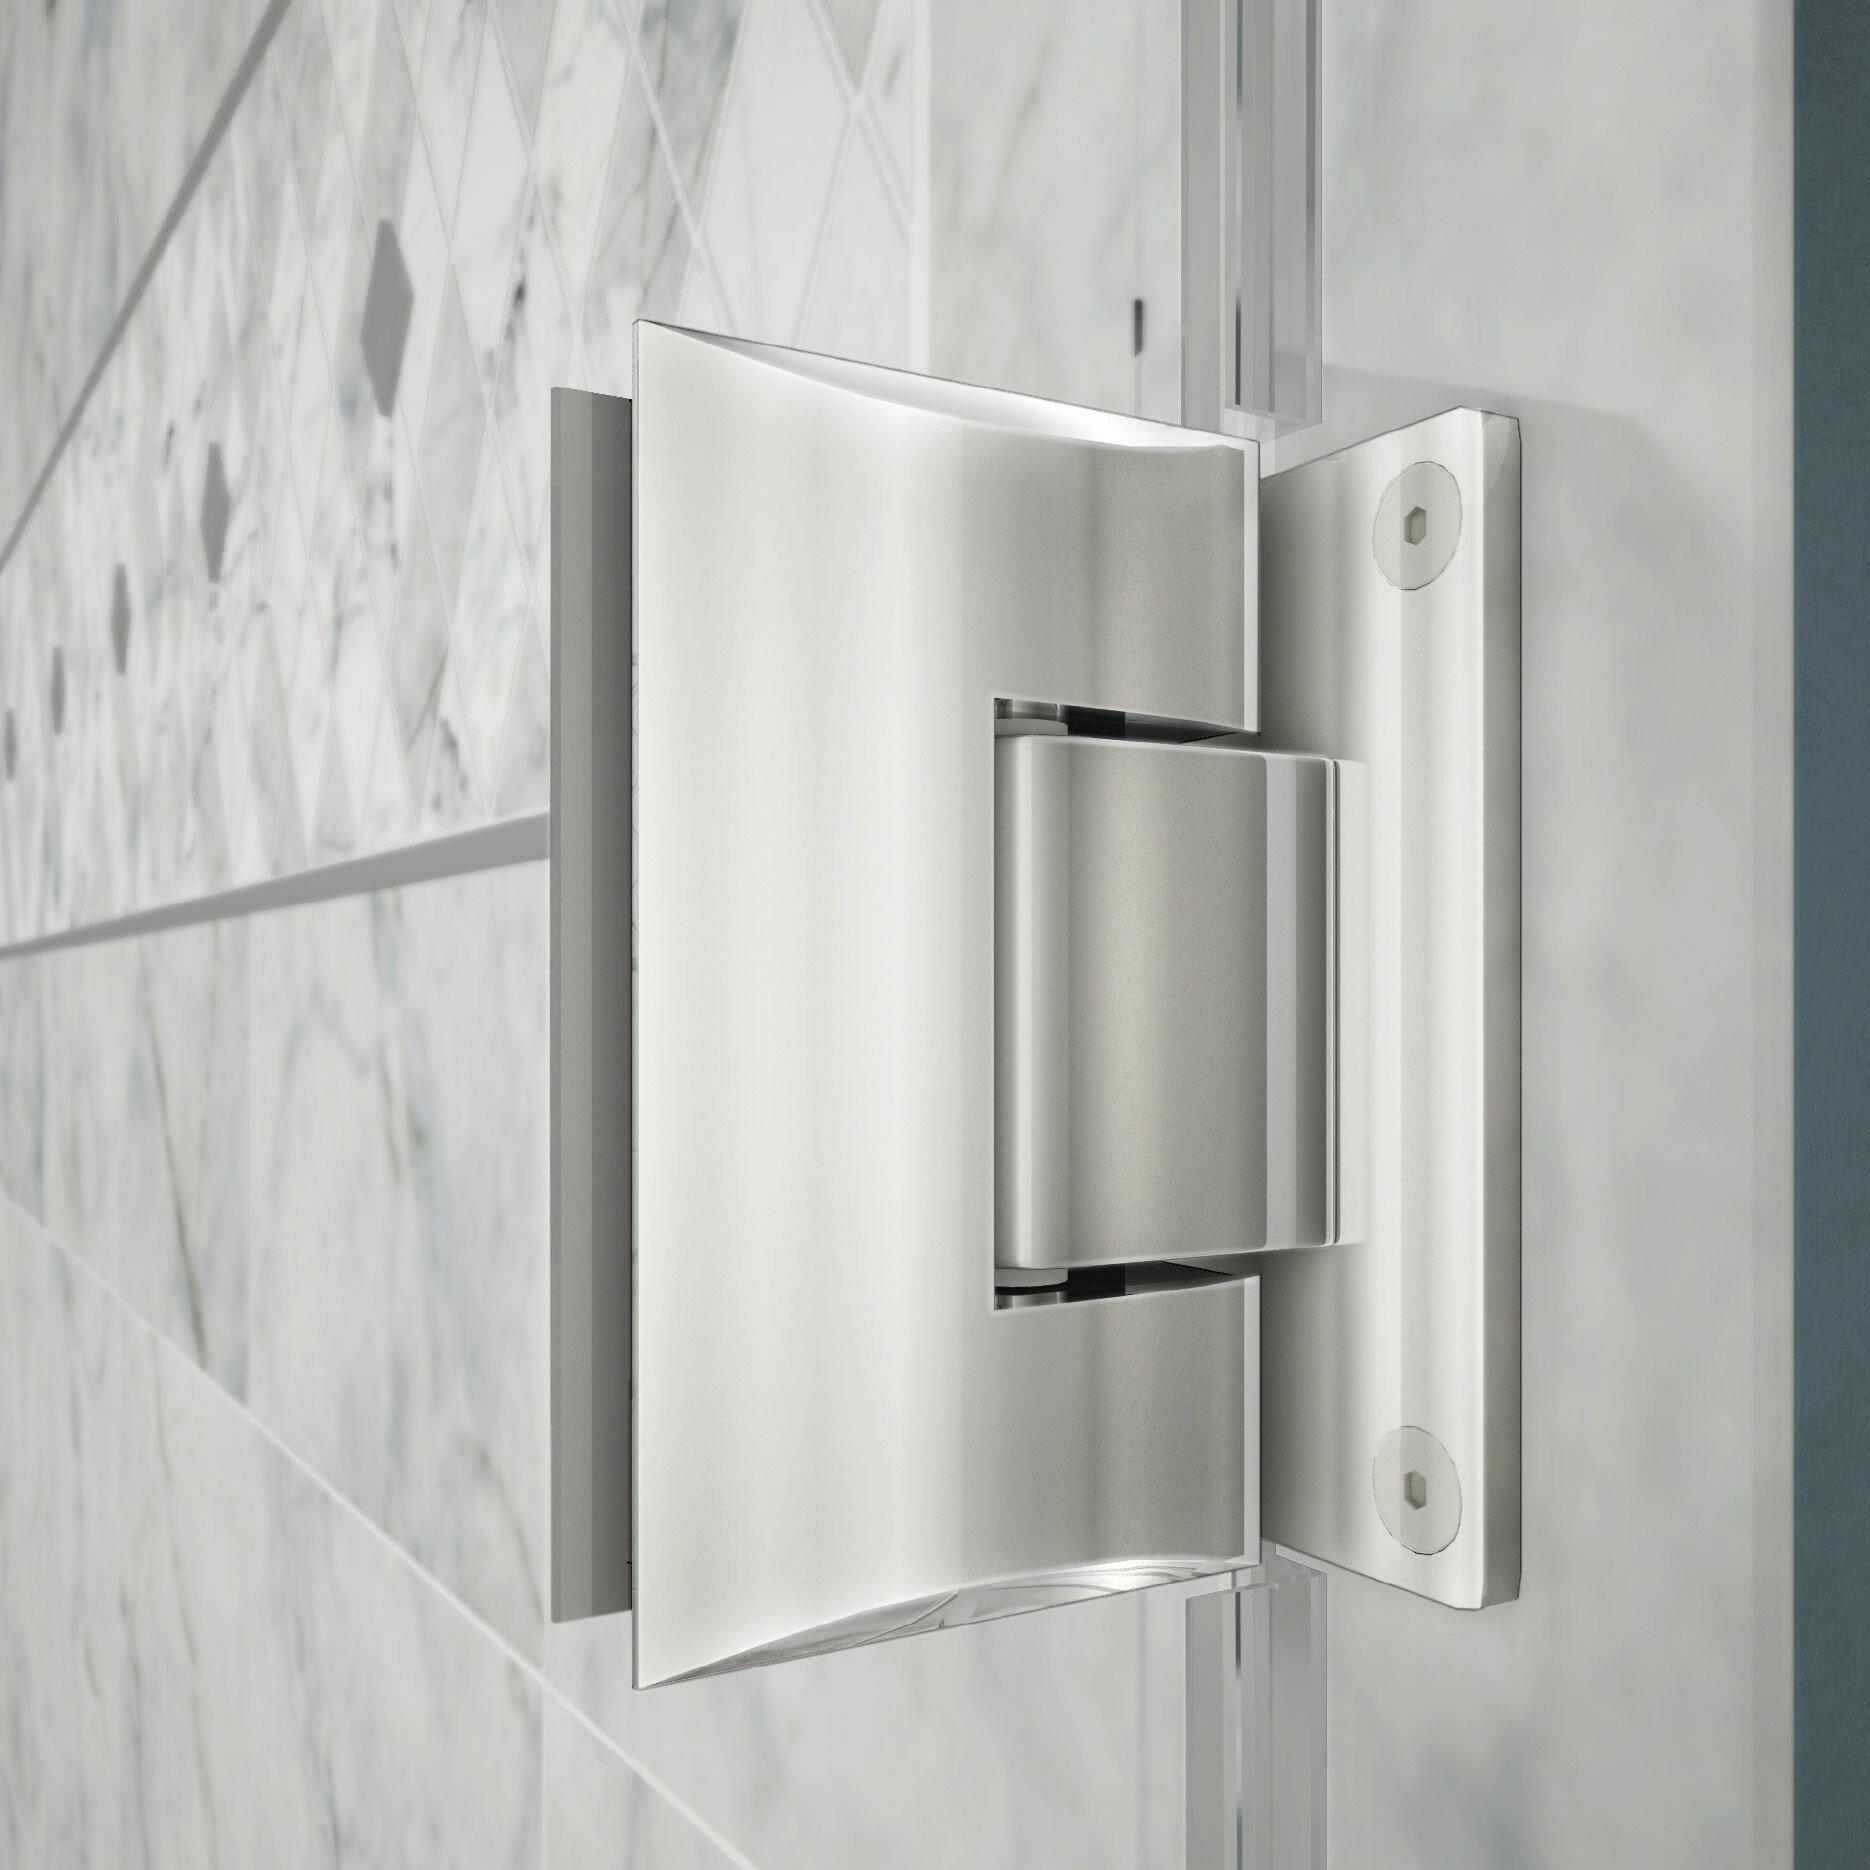 Dreamline Replacement Parts : Dreamline unidoor plus quot hinged shower door